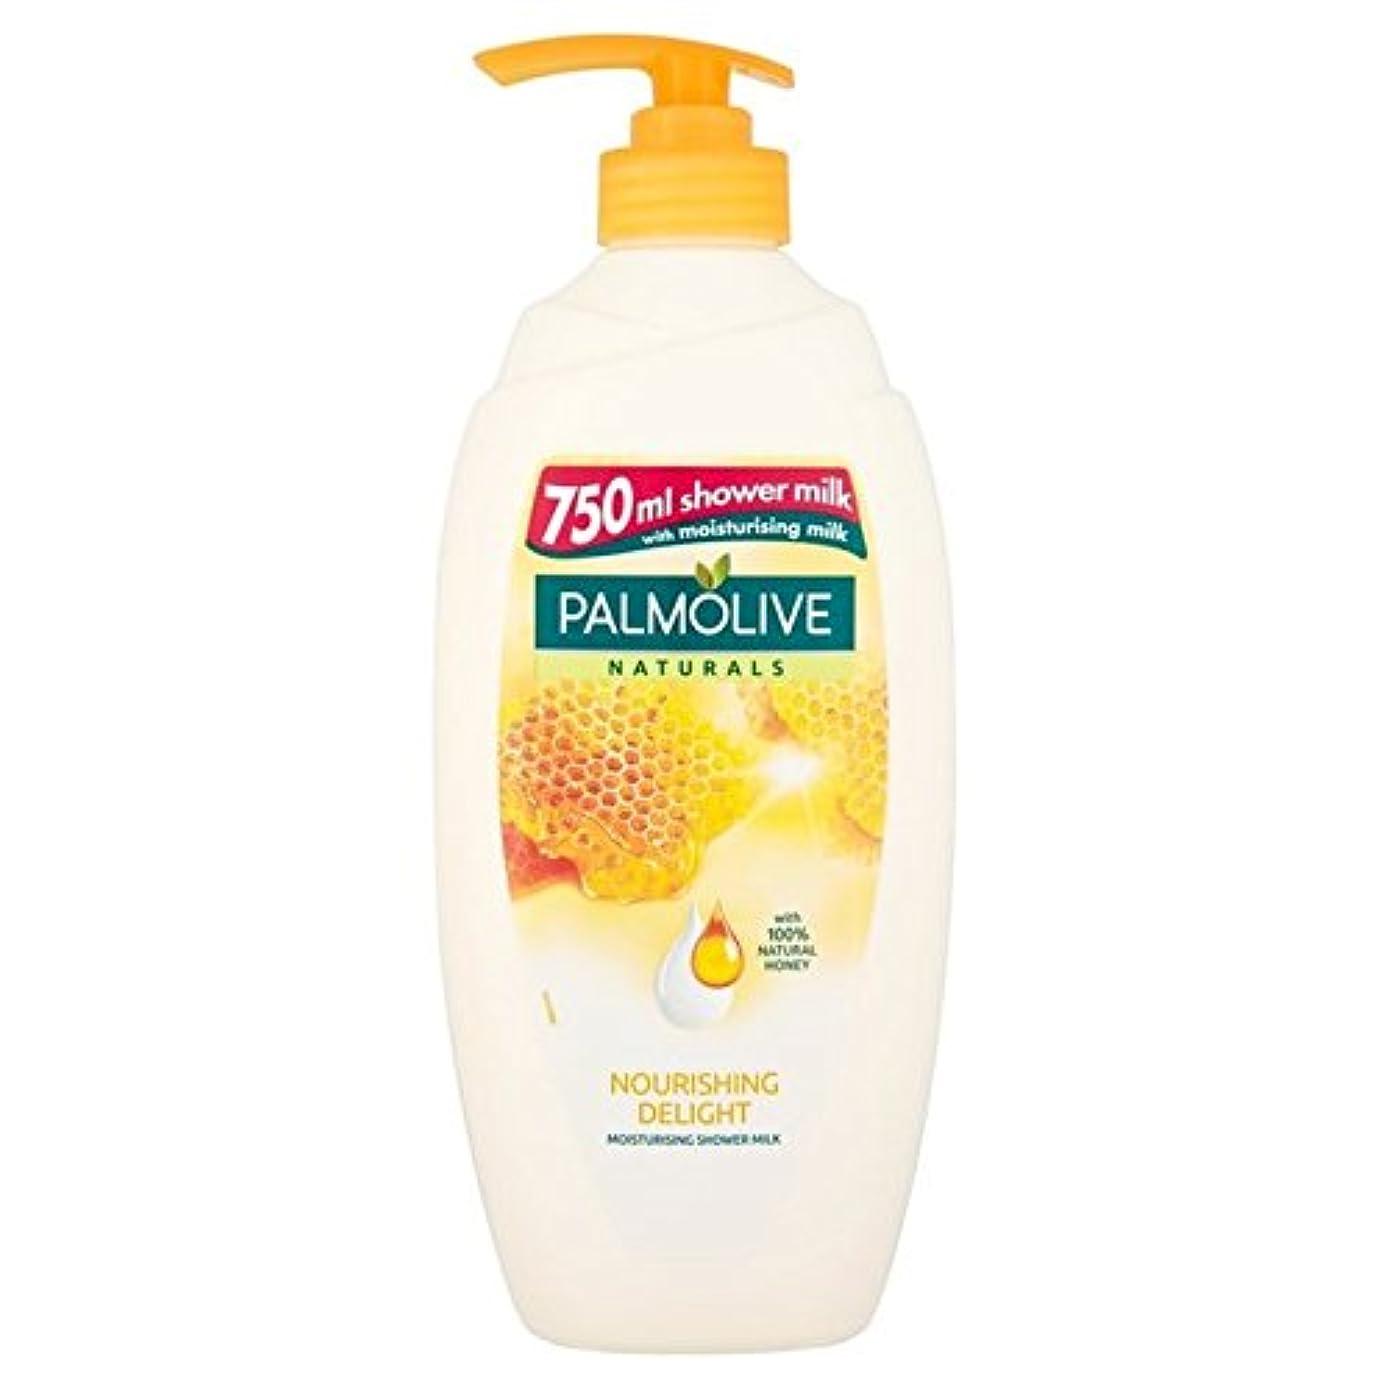 グラス学生有彩色のPalmolive Naturals Nourishing Shower Naturals Milk with Honey 750ml - 蜂蜜の750ミリリットルとシャワーナチュラルミルク栄養パルモライブナチュラル [...